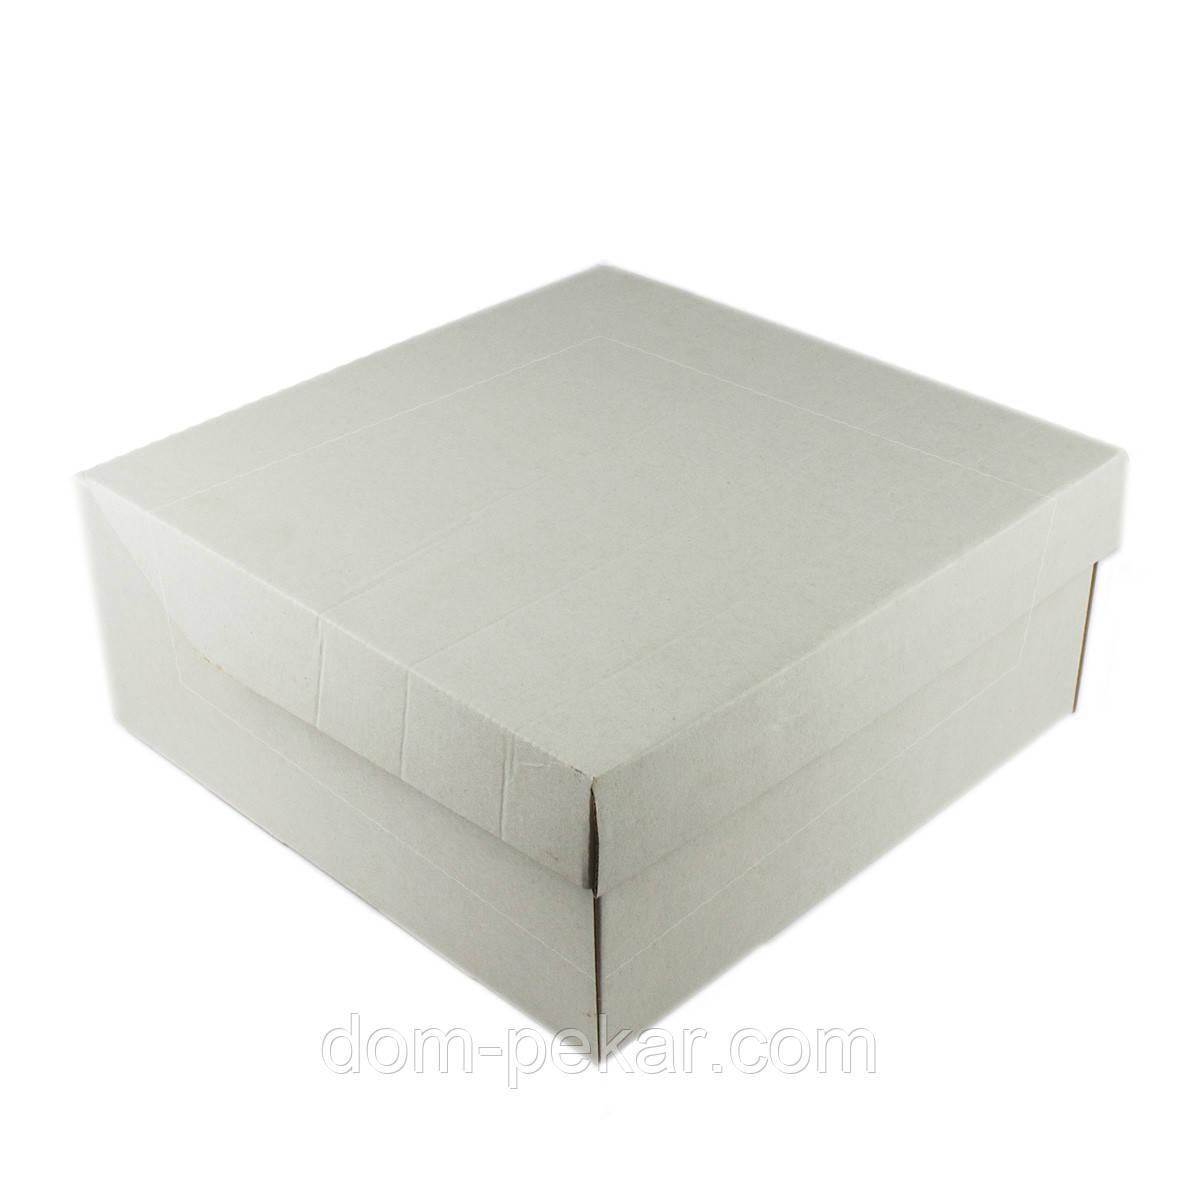 Коробка Cake box універсальна 267*267*115мм